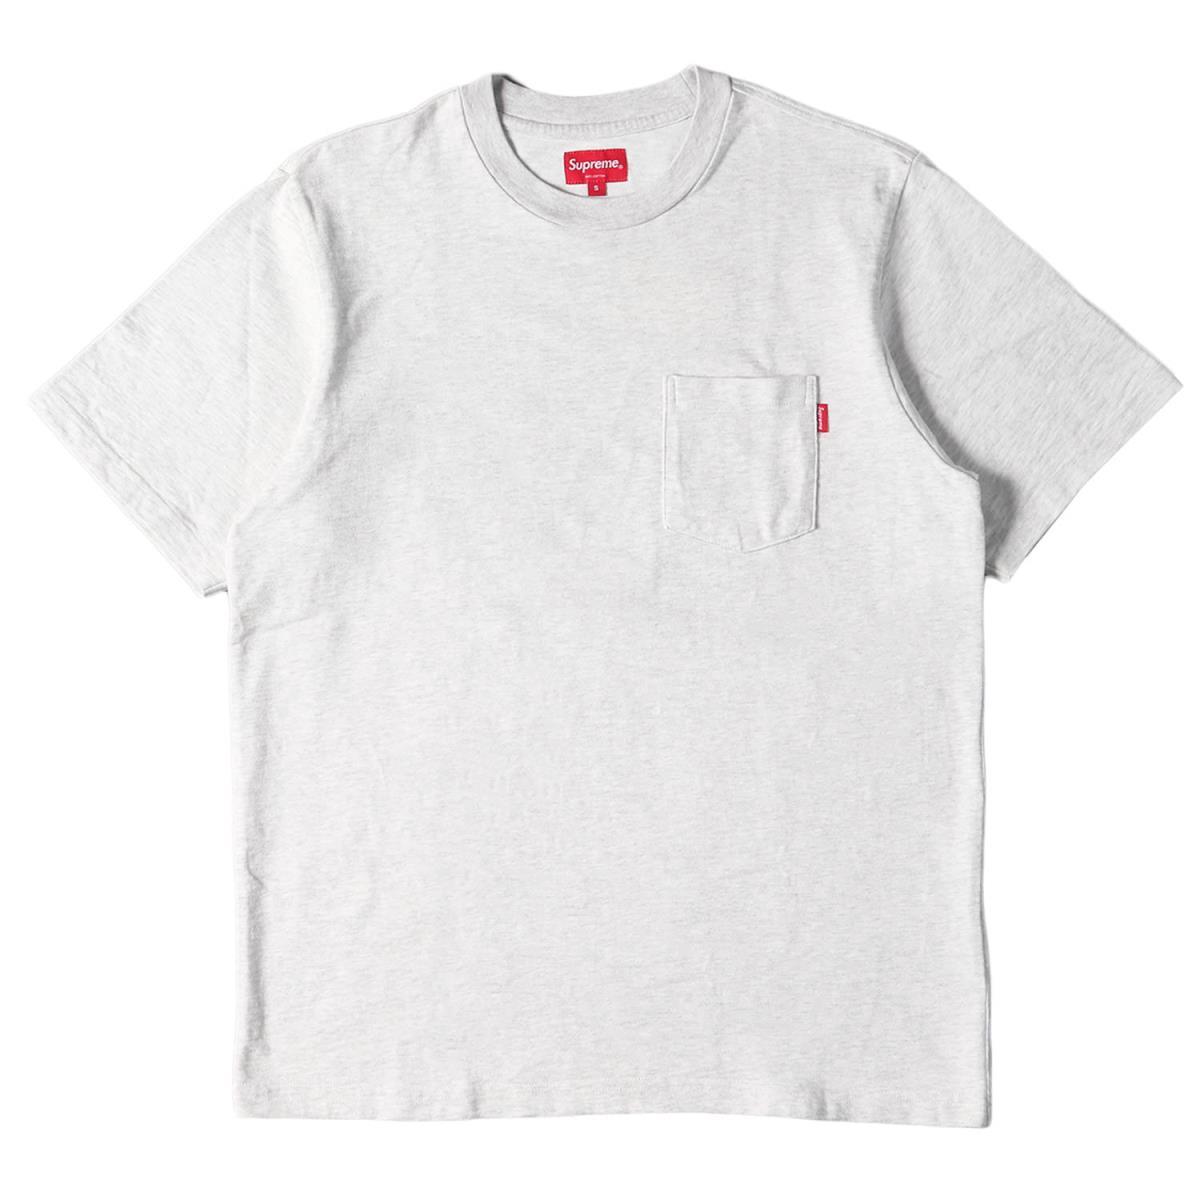 トップス, Tシャツ・カットソー Supreme T T Pocket Tee 20SS S K3092